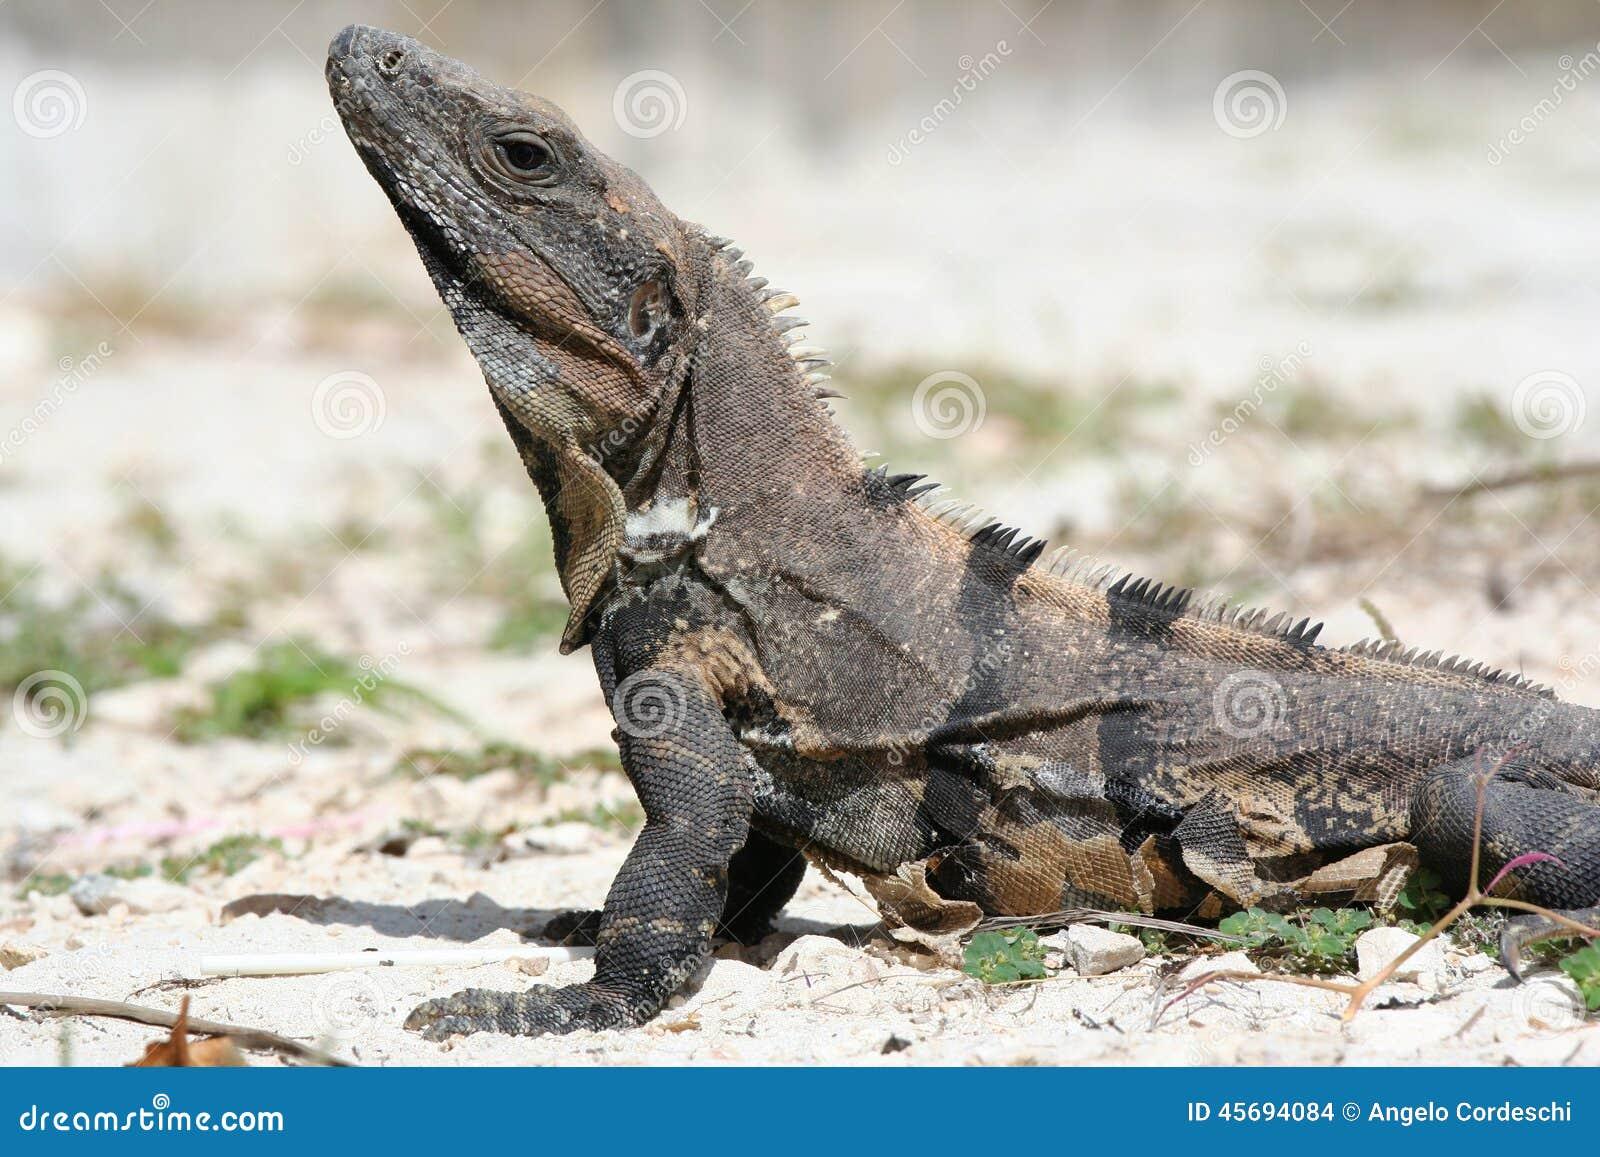 Iguana stock photo image 45694084